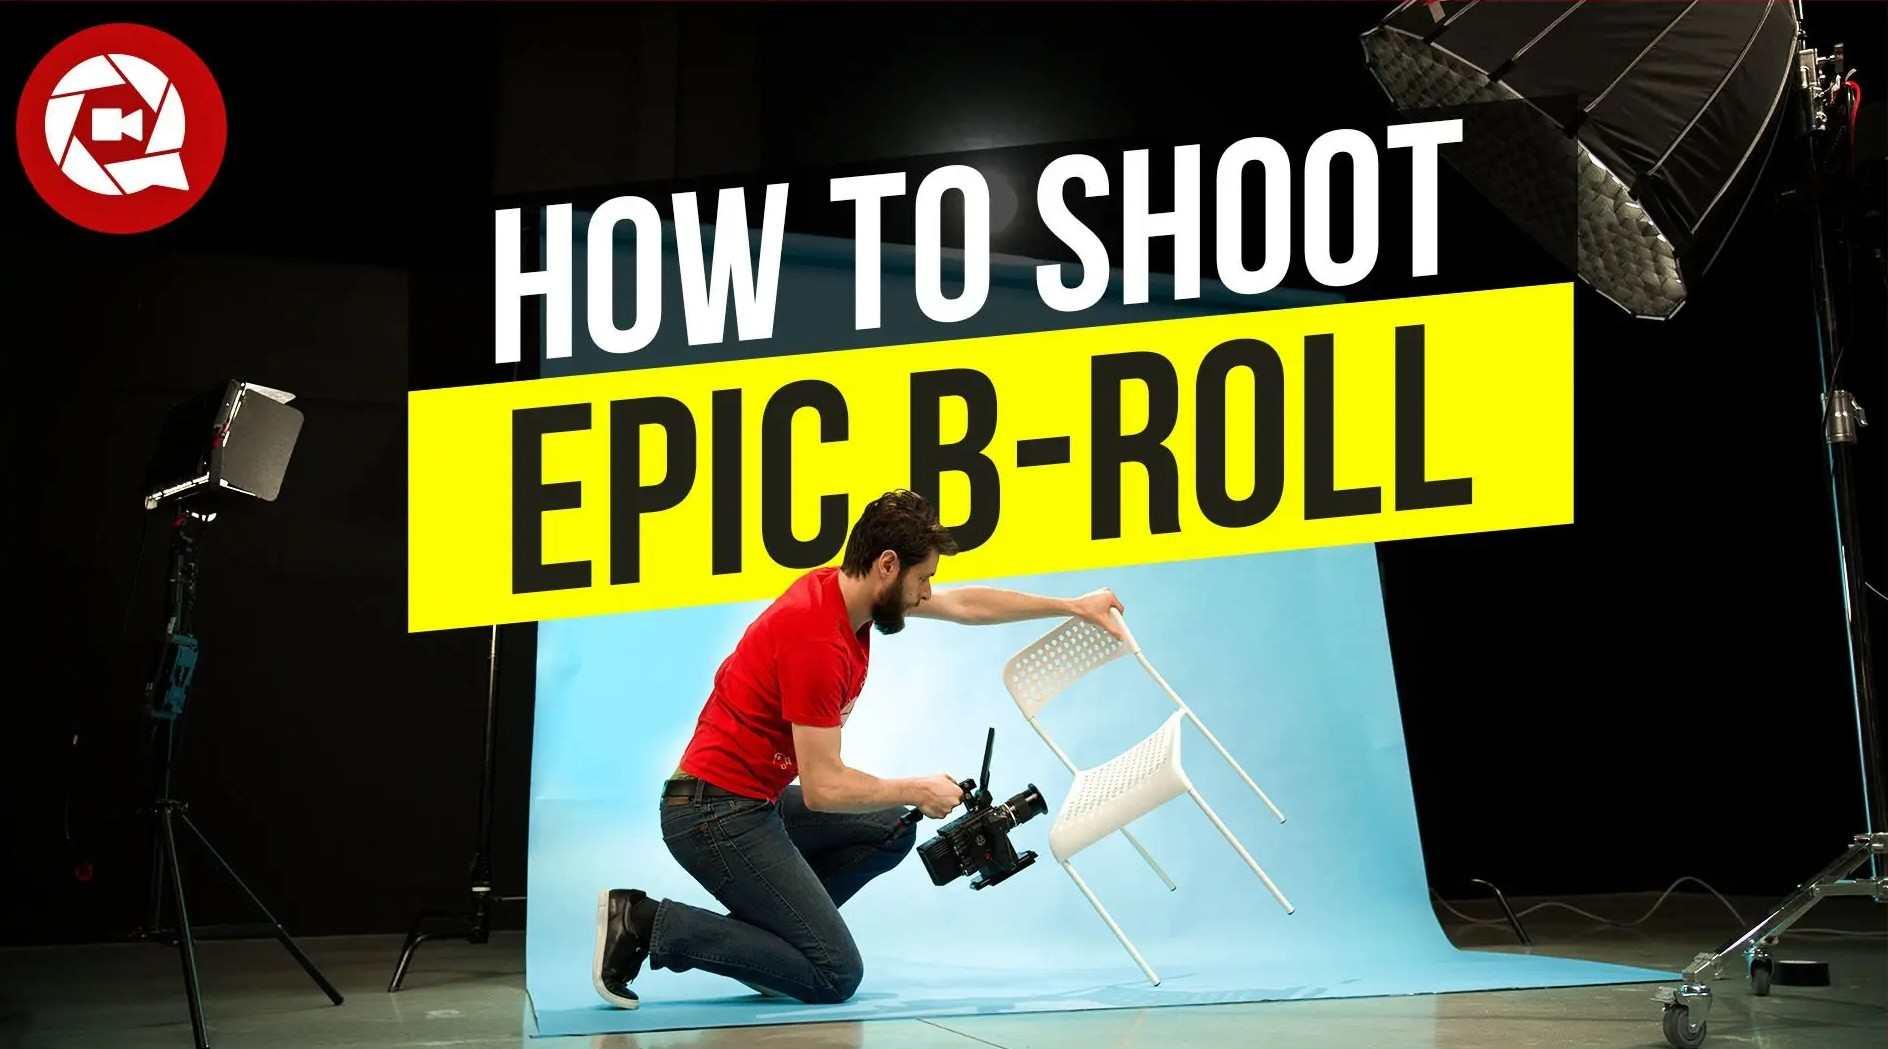 十步拍好产品B-Roll镜头,废柴也能出大片